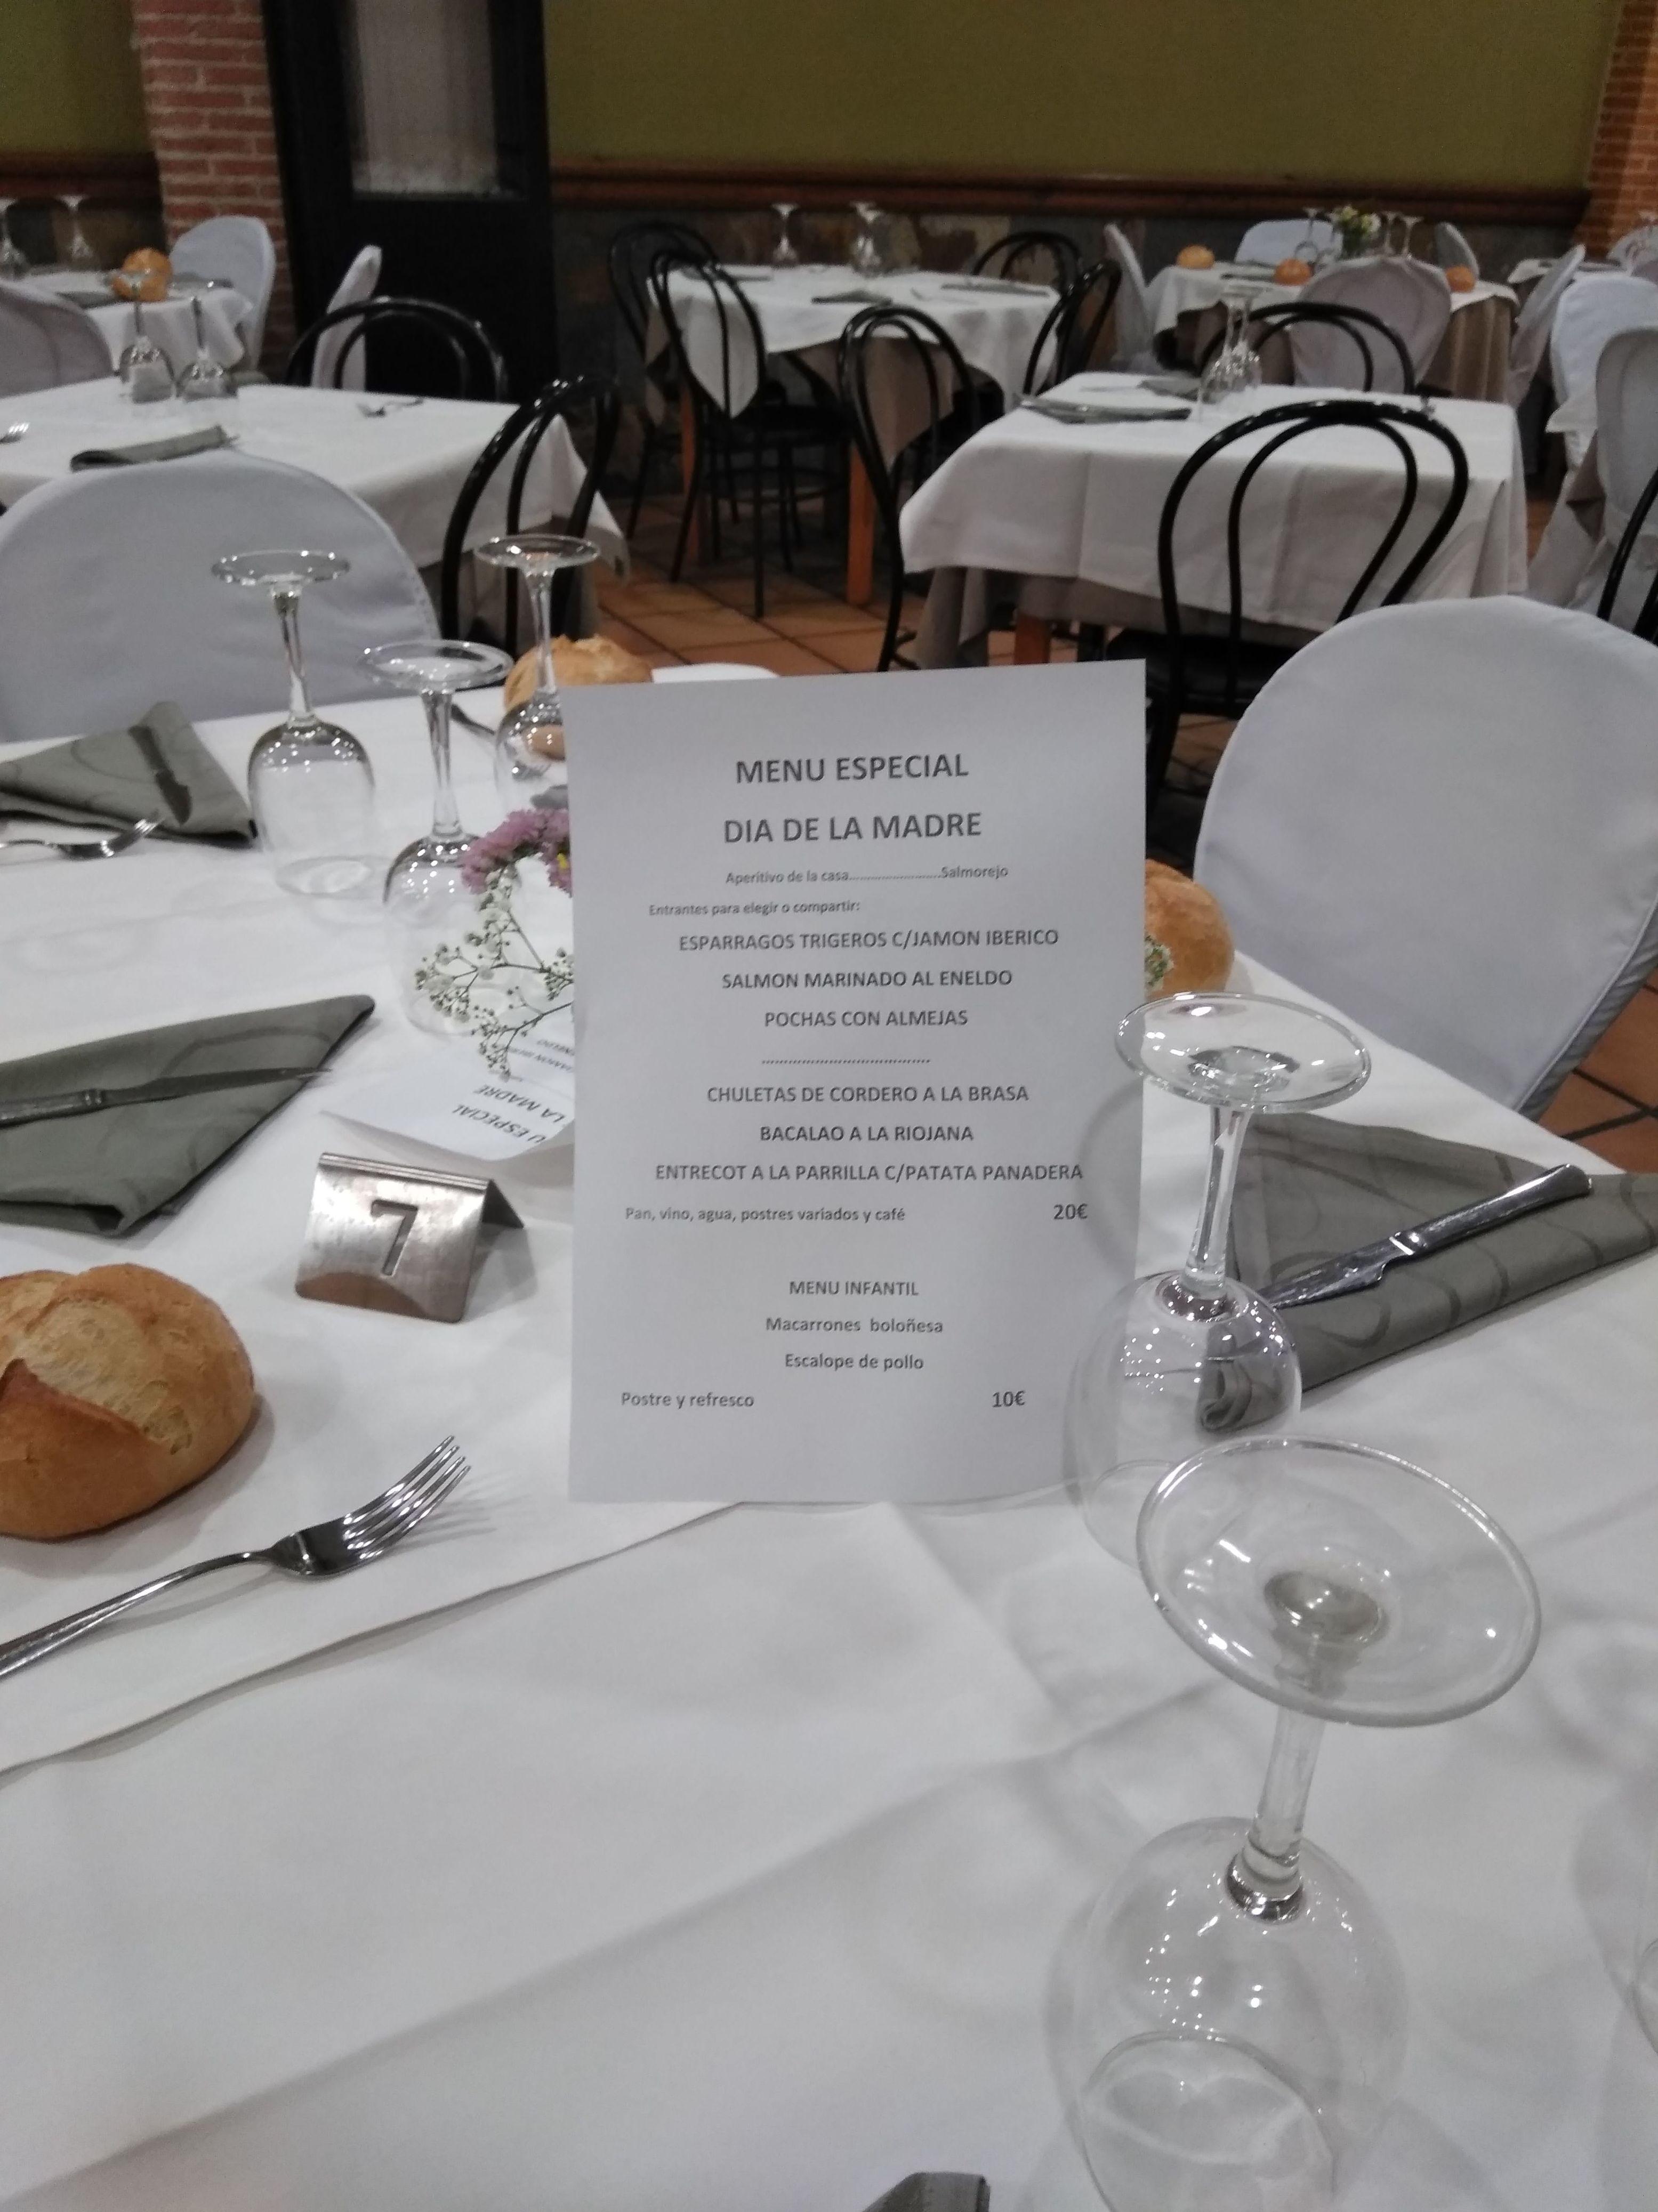 Foto 12 de Cocina castellana en Madrid | Restaurante Gonzalo